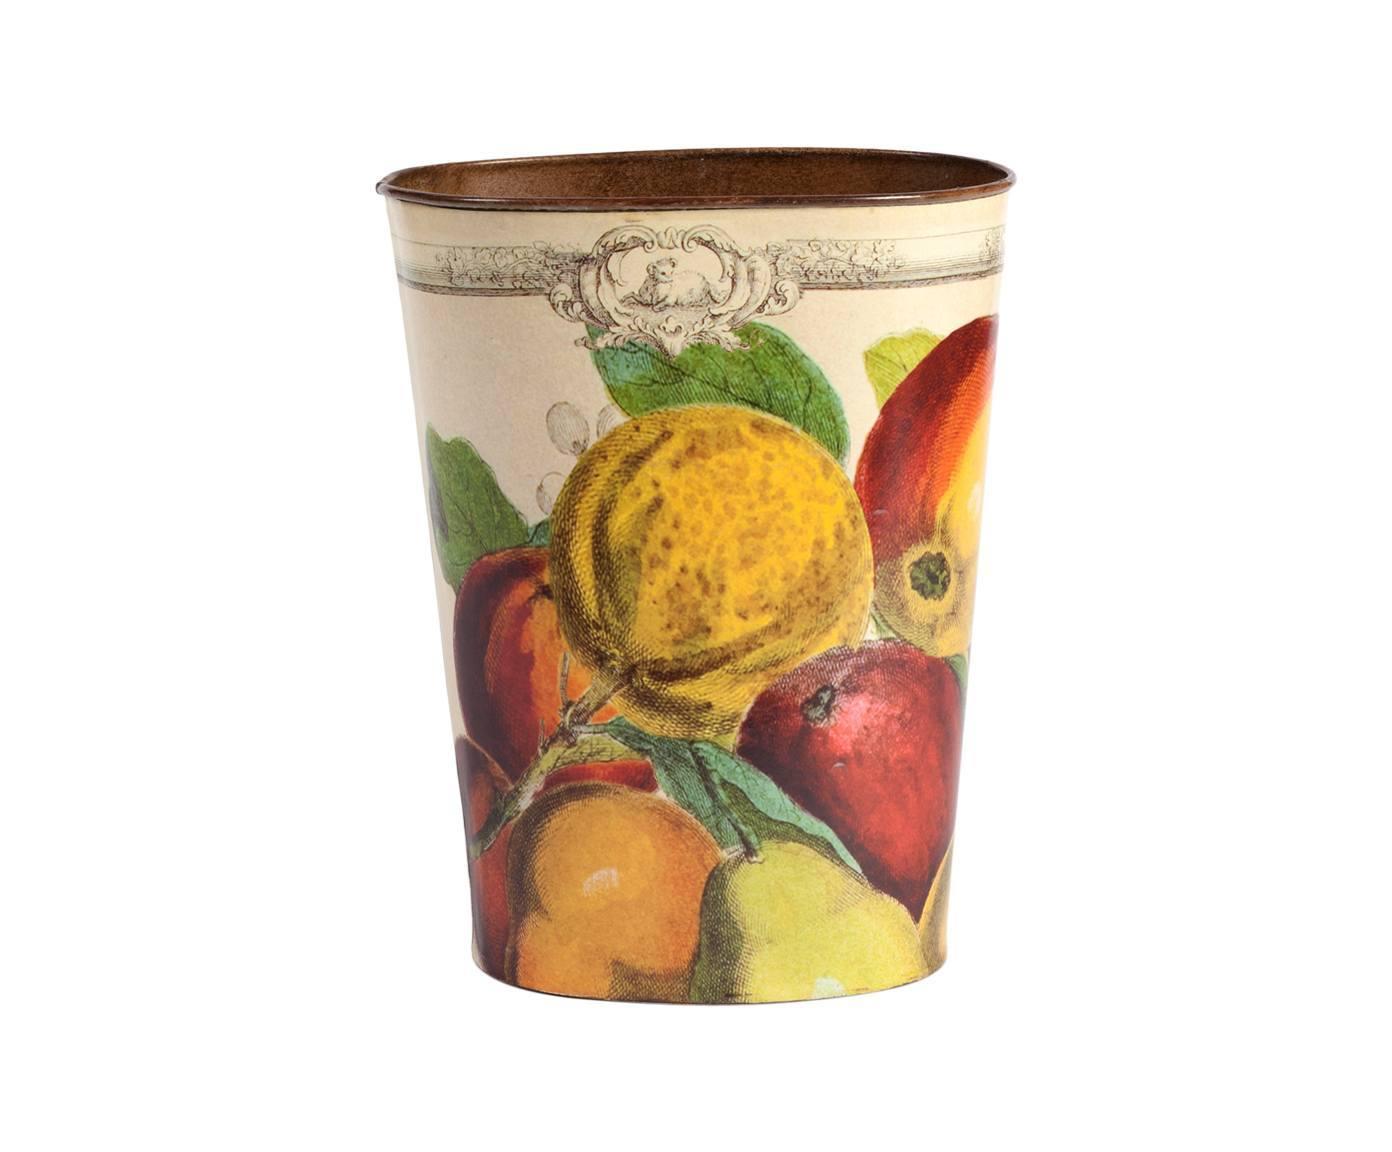 Декоративный цветочный горшок FruttoКашпо и аксессуары для цветов<br>Декоративный цветочный горшок Frutto поможет украсить ваш дом или сад и преобразить обычный комнатный цветок. Разноцветные аппетитный фрукты, украшающие аксессуар, добавят интерьеру уюта, тепла, ярких красок и роскоши. Элемент декора изготовлен из металла, а это значит, что прослужит он вам долгие годы. Горшок можно приобрести отдельно или в комплекте с изделиями той же коллекции.<br><br>Material: Металл<br>Height см: 21<br>Diameter см: 9